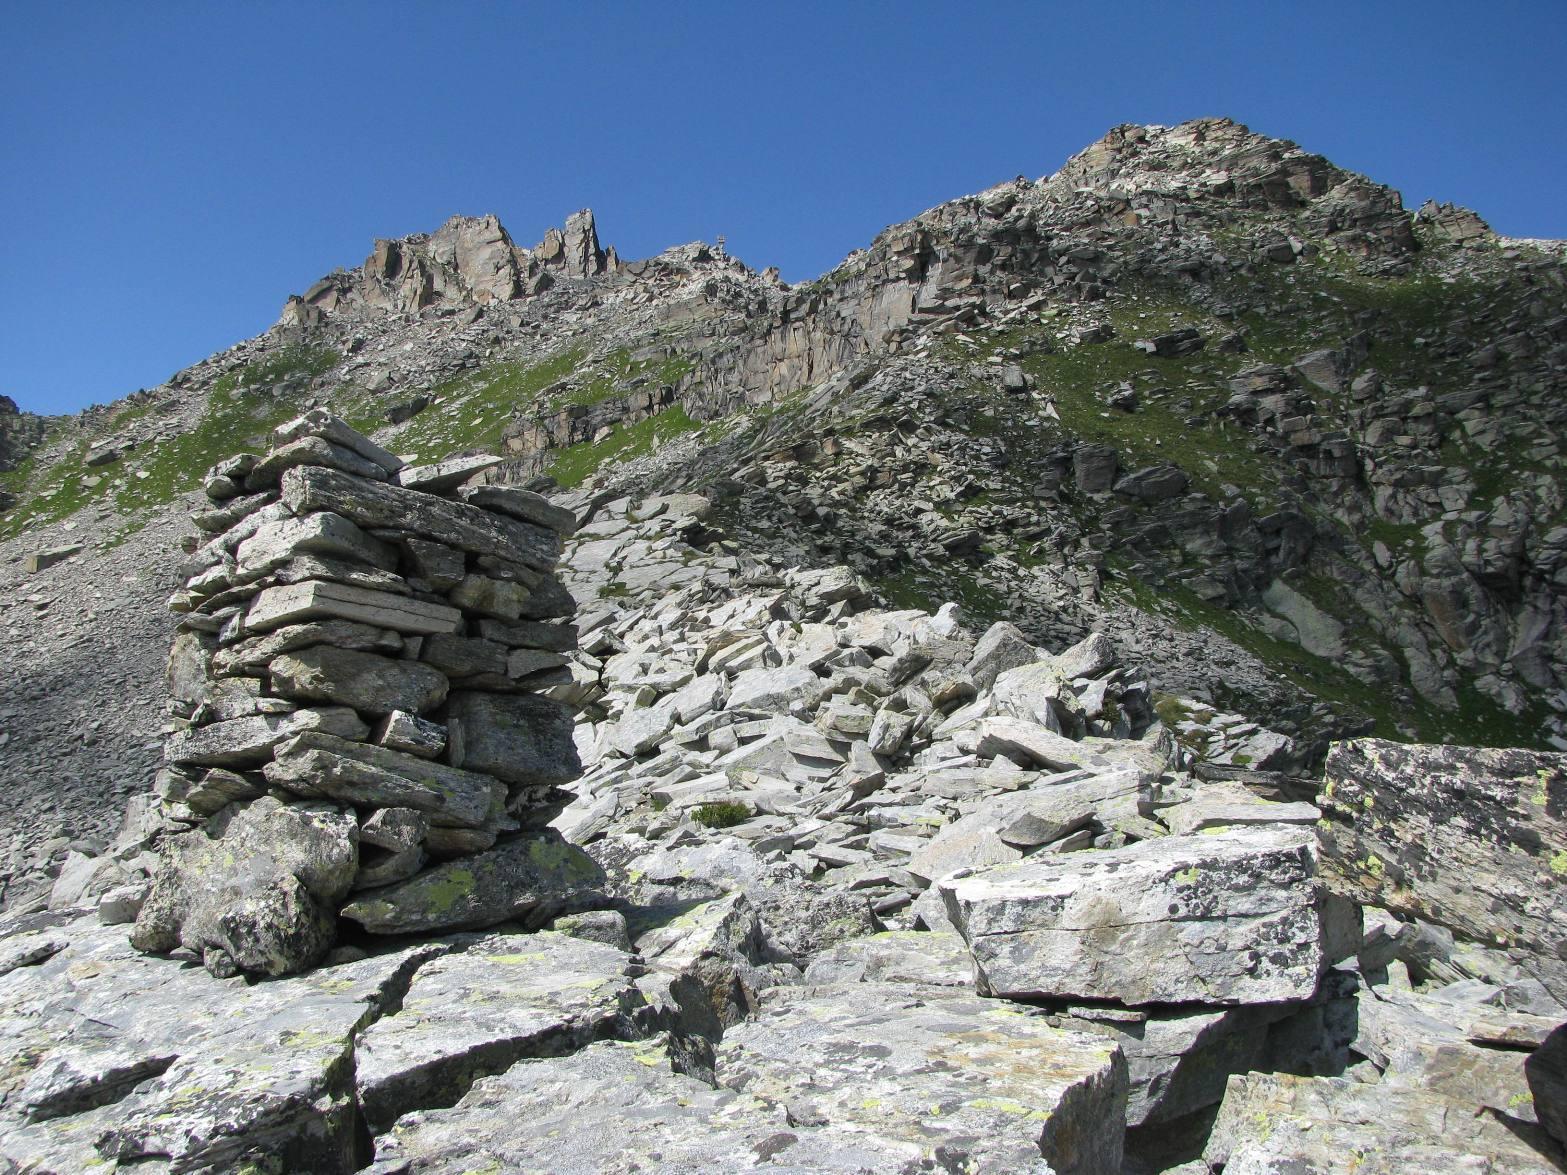 Ometto a quota 2625, sulla cresta spartiacque Lanzo-Locana